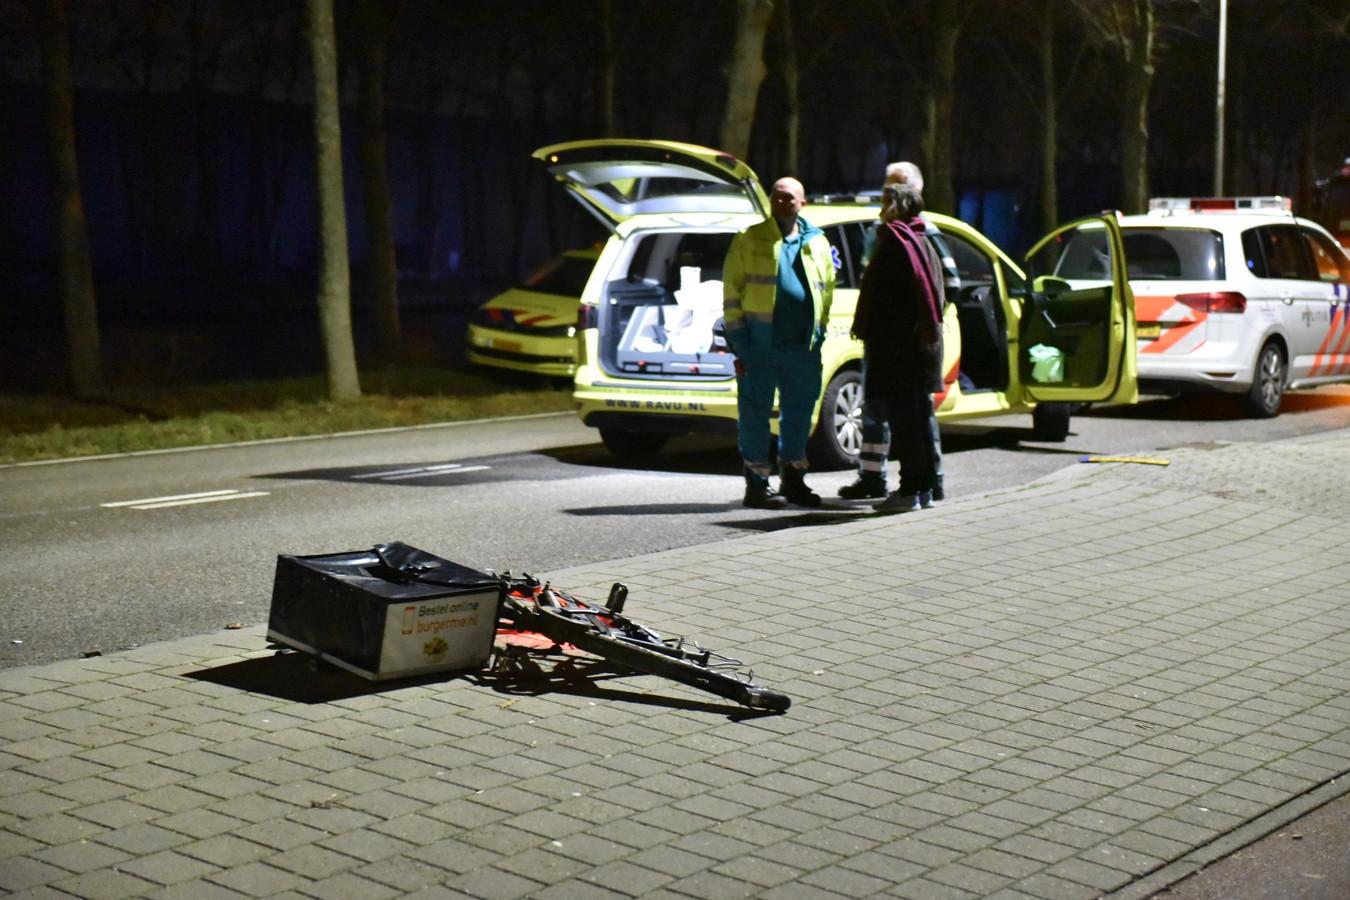 De maaltijdbezorger raakte zwaargewond bij een ongeluk op de Amsterdamsestraatweg.